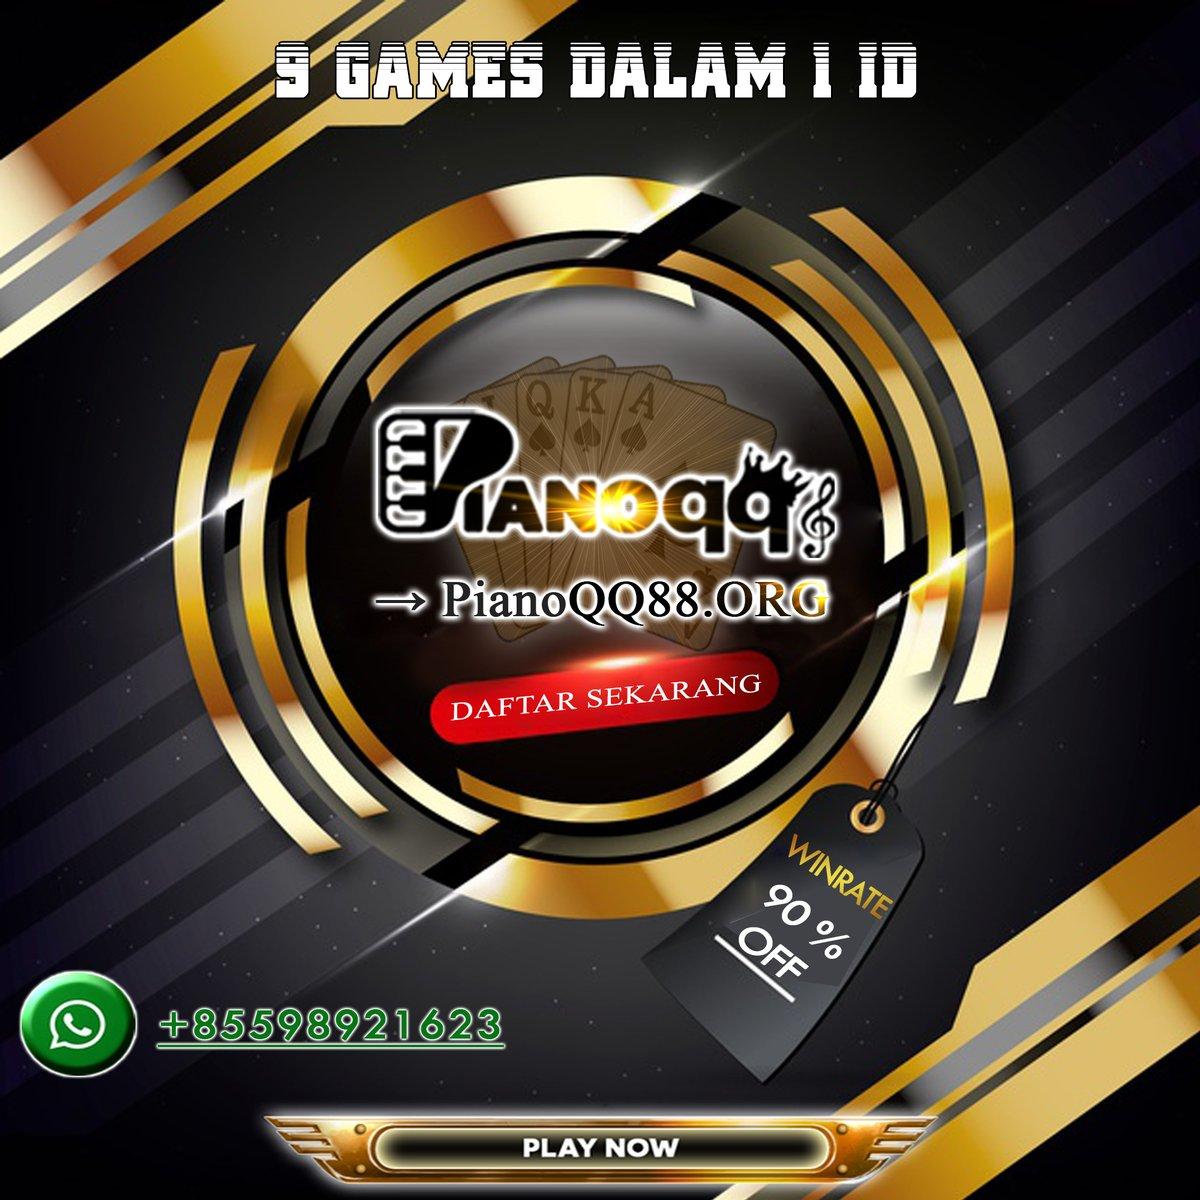 PIANOQQ Situs Judi Online Resmi Dan Terbaik SE-ASIA || 9 GAMES DALAM 1 ID | MIN DEPOSIT DAN WITHDRAW 20 ribu  EZoTd8BUYAMzDmj?format=jpg&name=medium